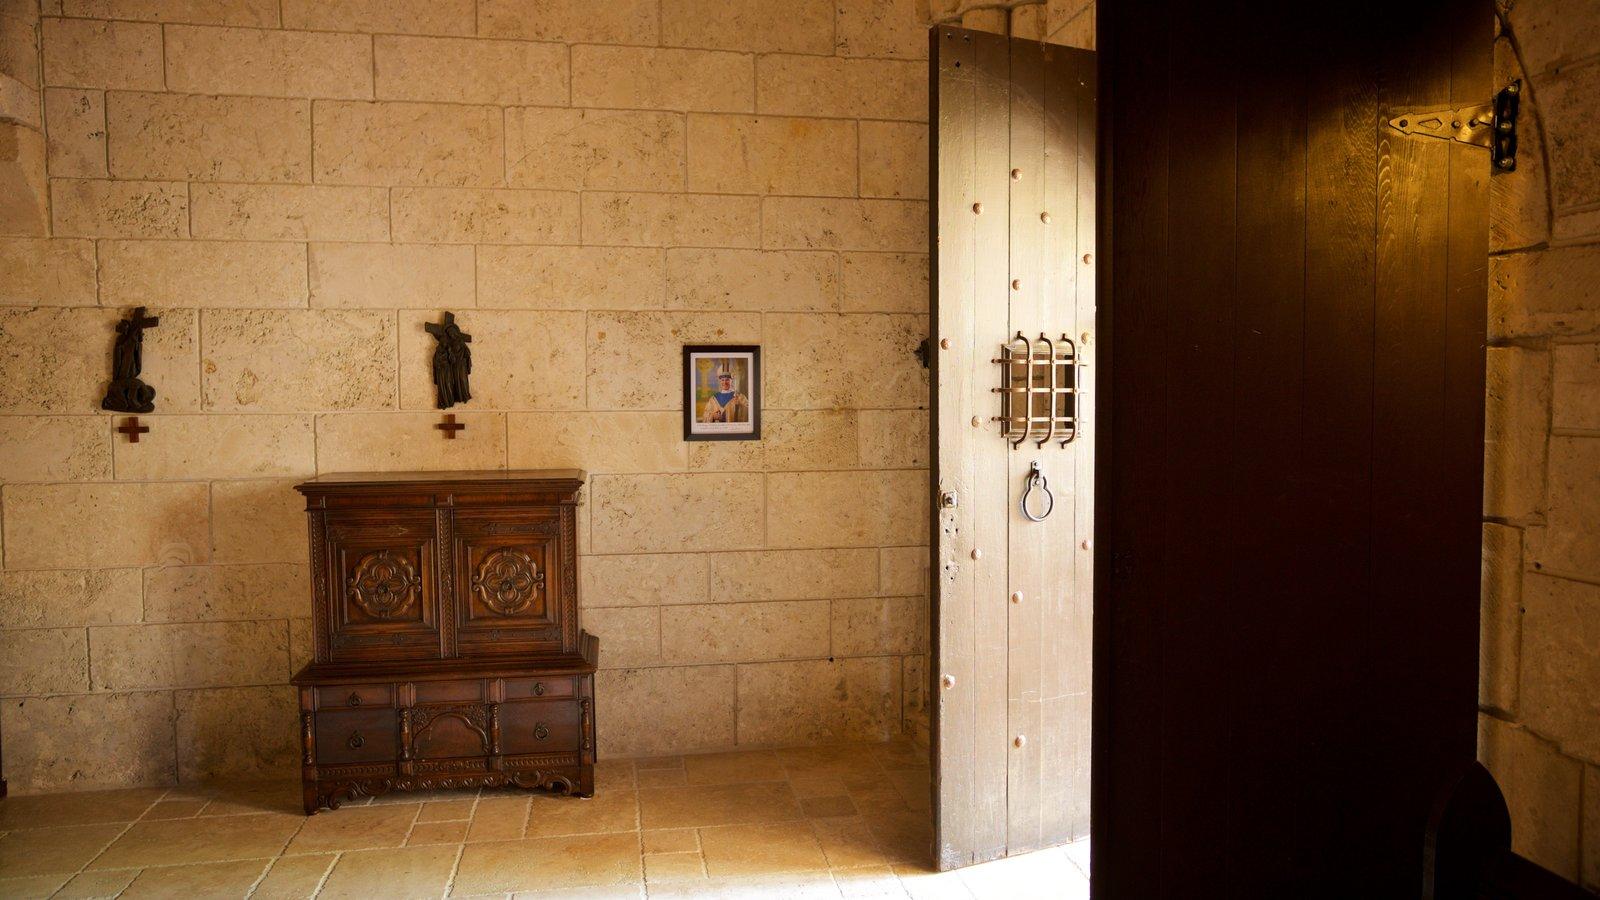 Antigo Mosteiro Espanhol mostrando elementos de patrimônio, uma igreja ou catedral e vistas internas